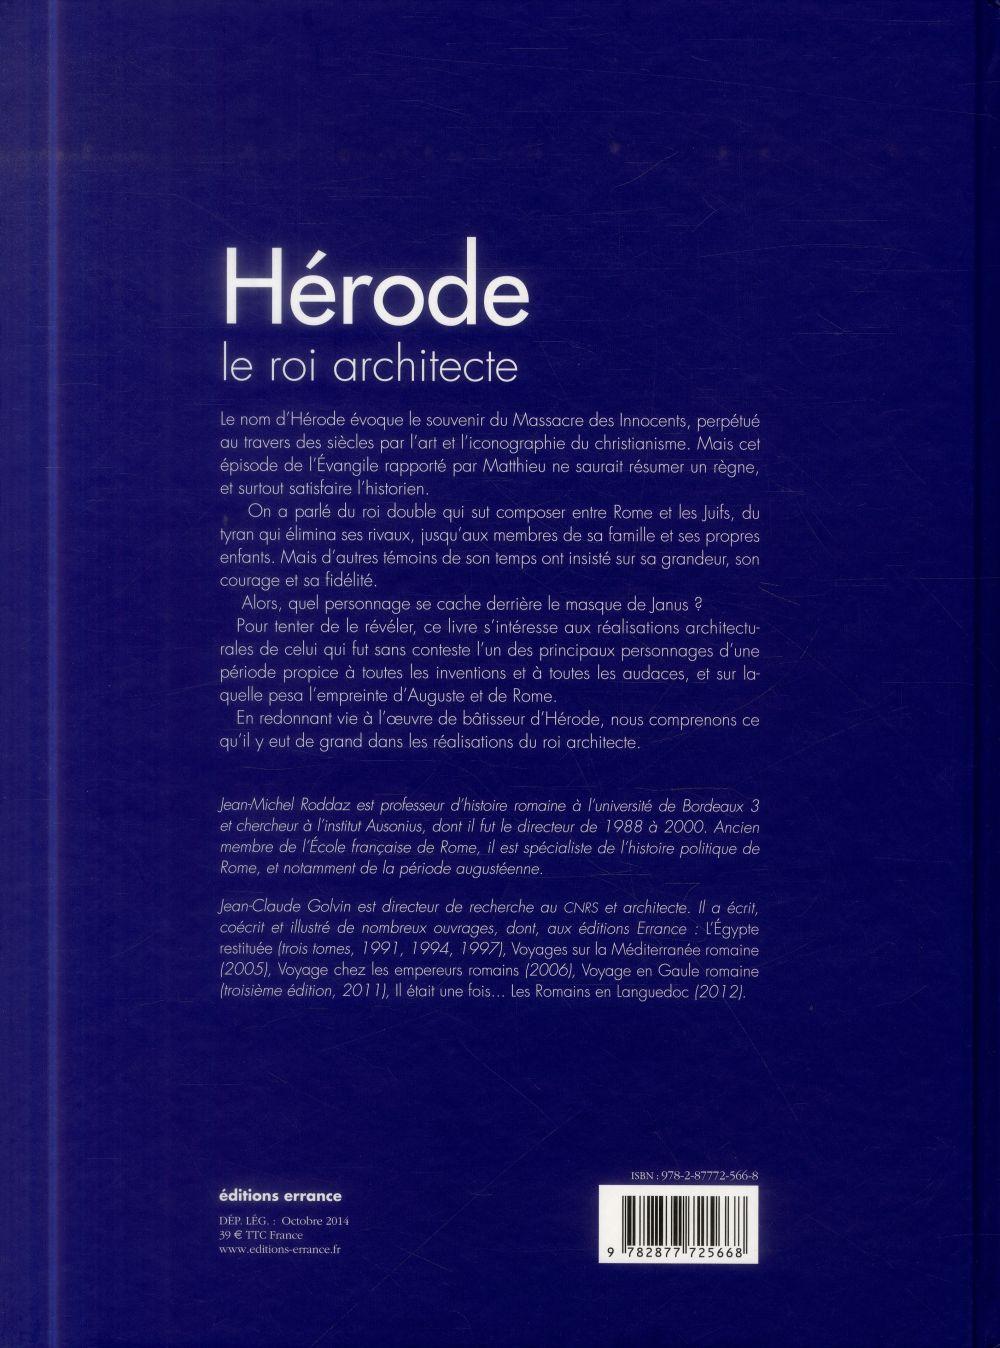 Hérode le roi architecte